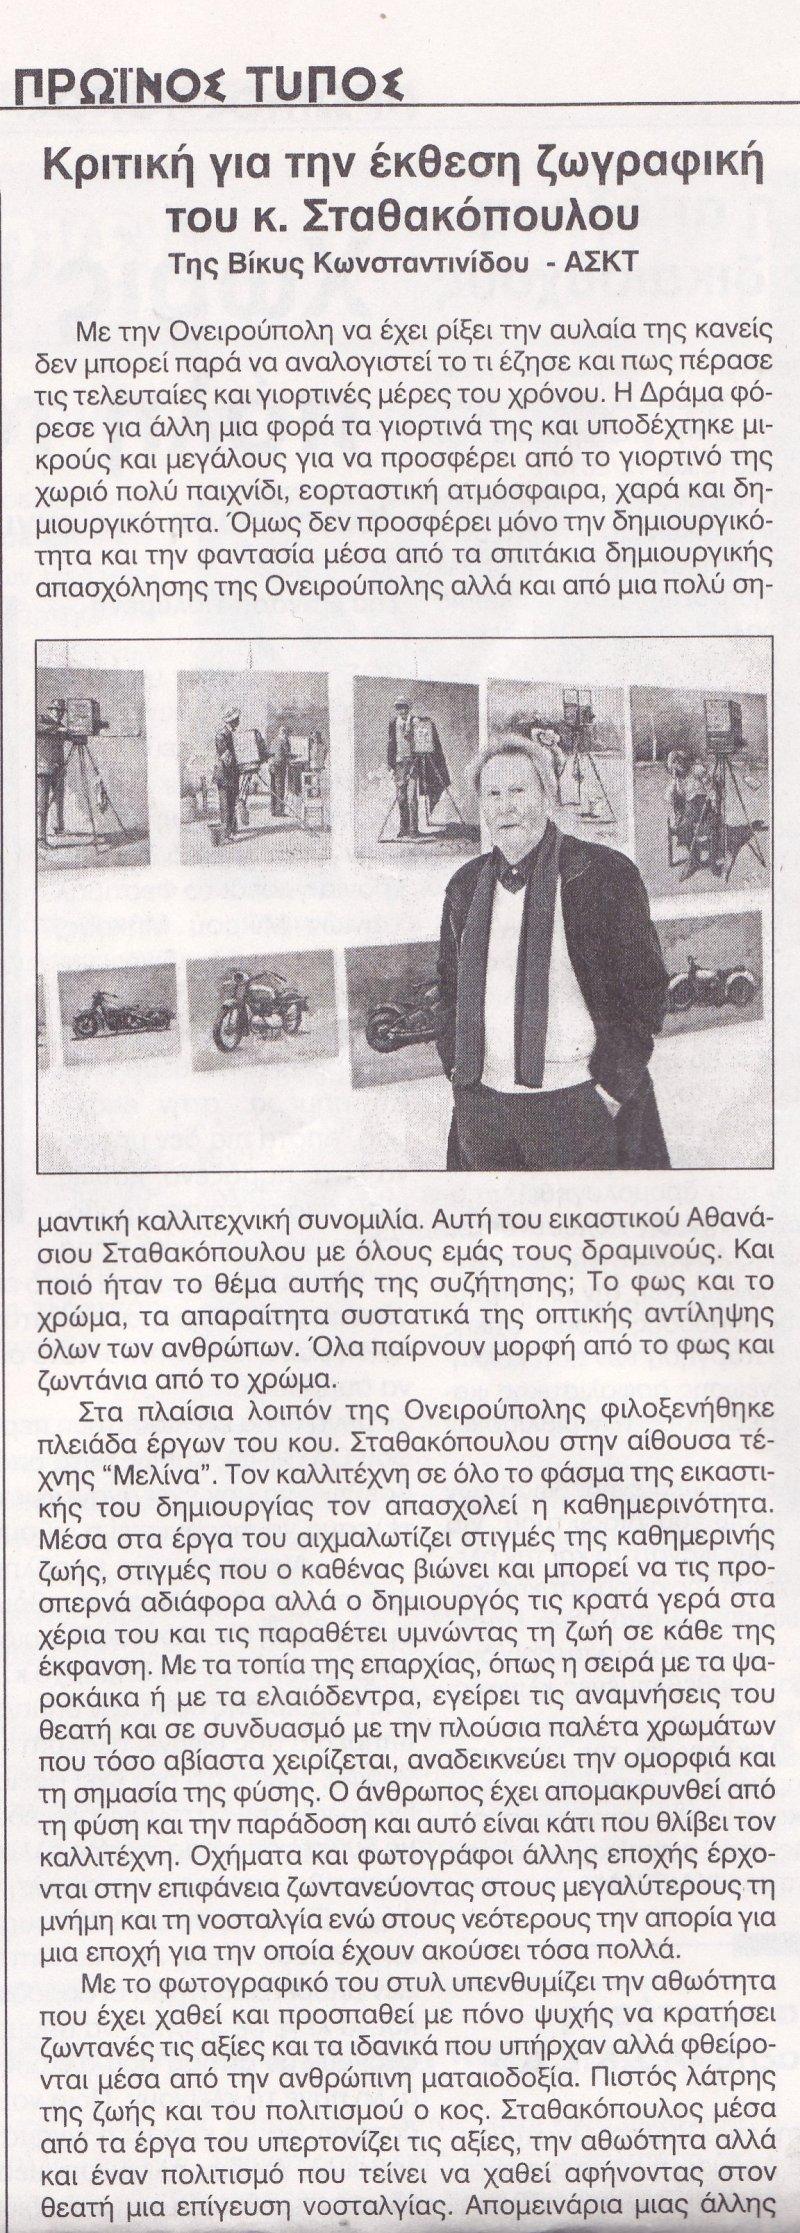 Copy of PROIONOS TYPOS 1